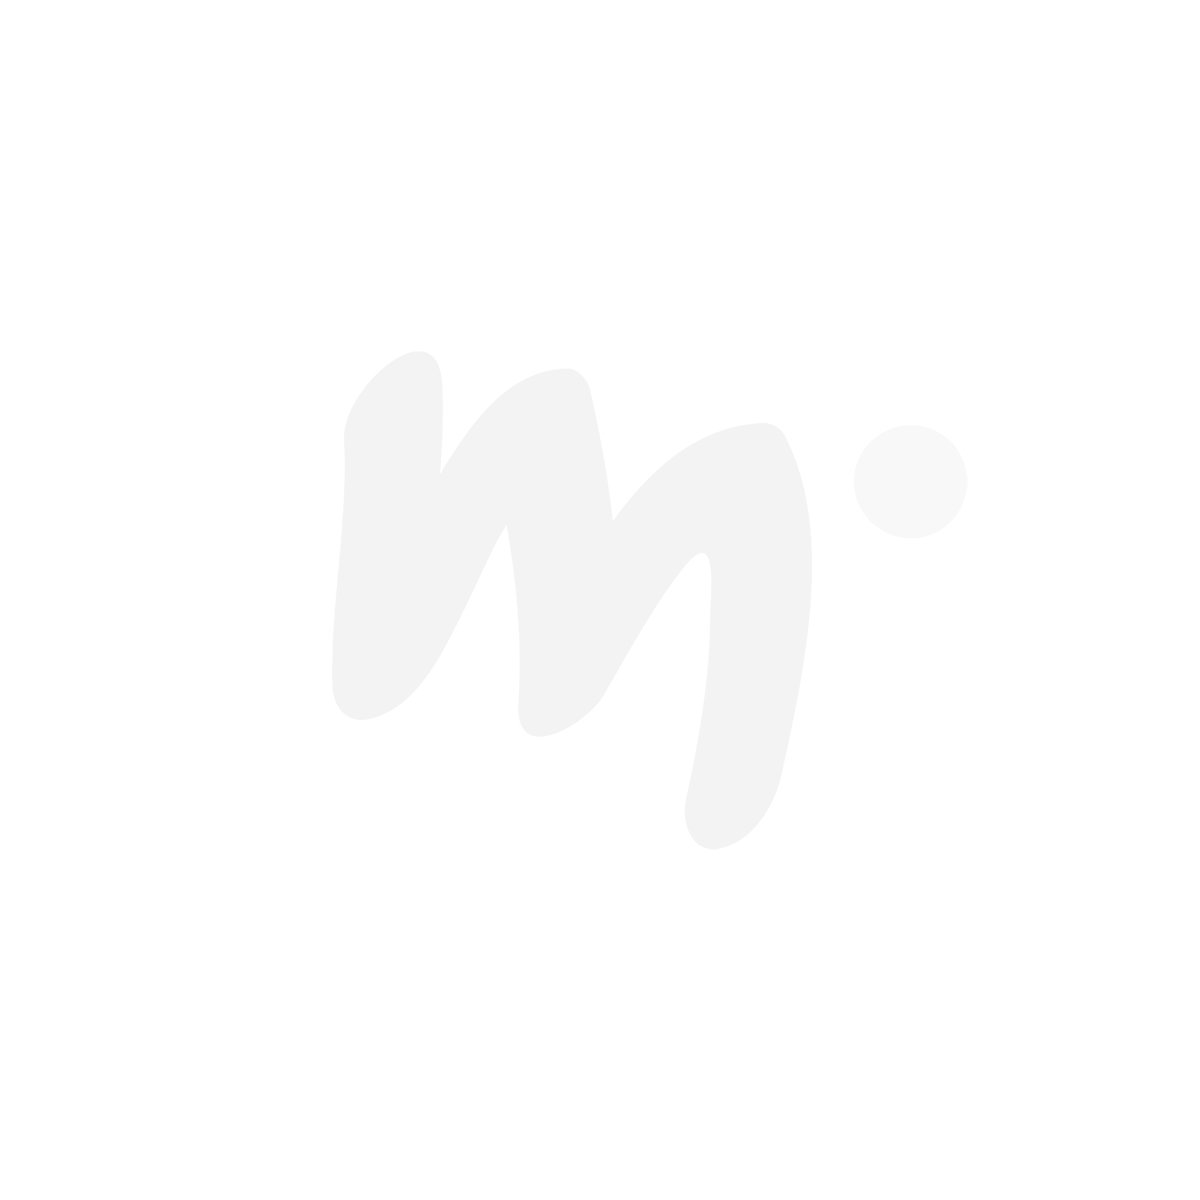 Peppi Pitkätossu Kärrynpyörä-taskumekko vaaleanpunainen